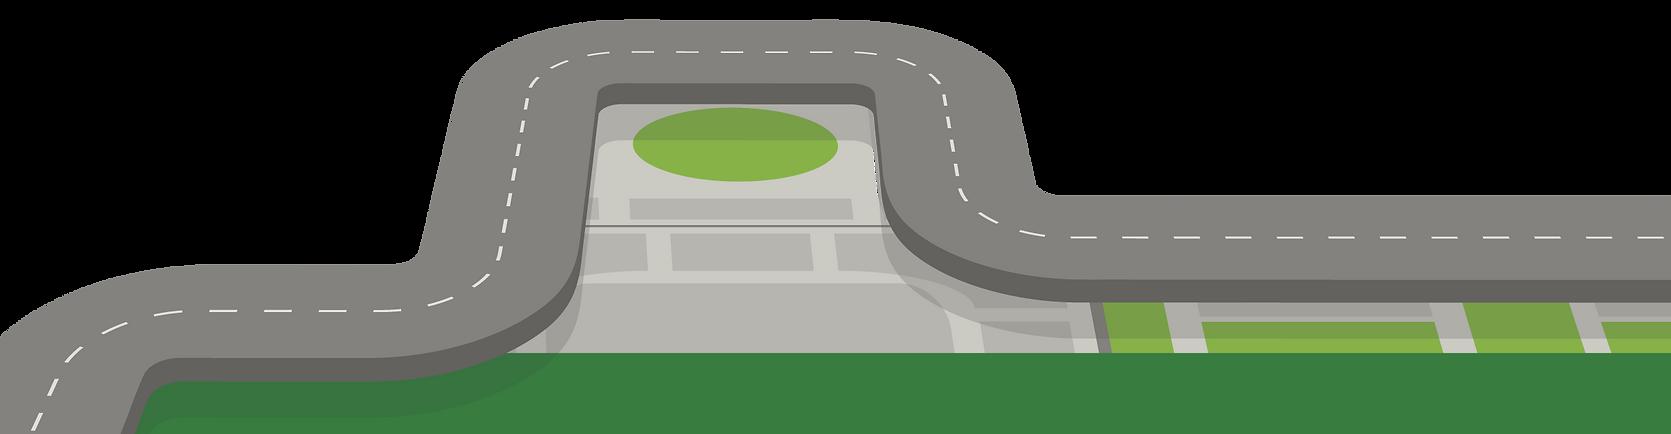 Zanety Direção Eficiente estrada